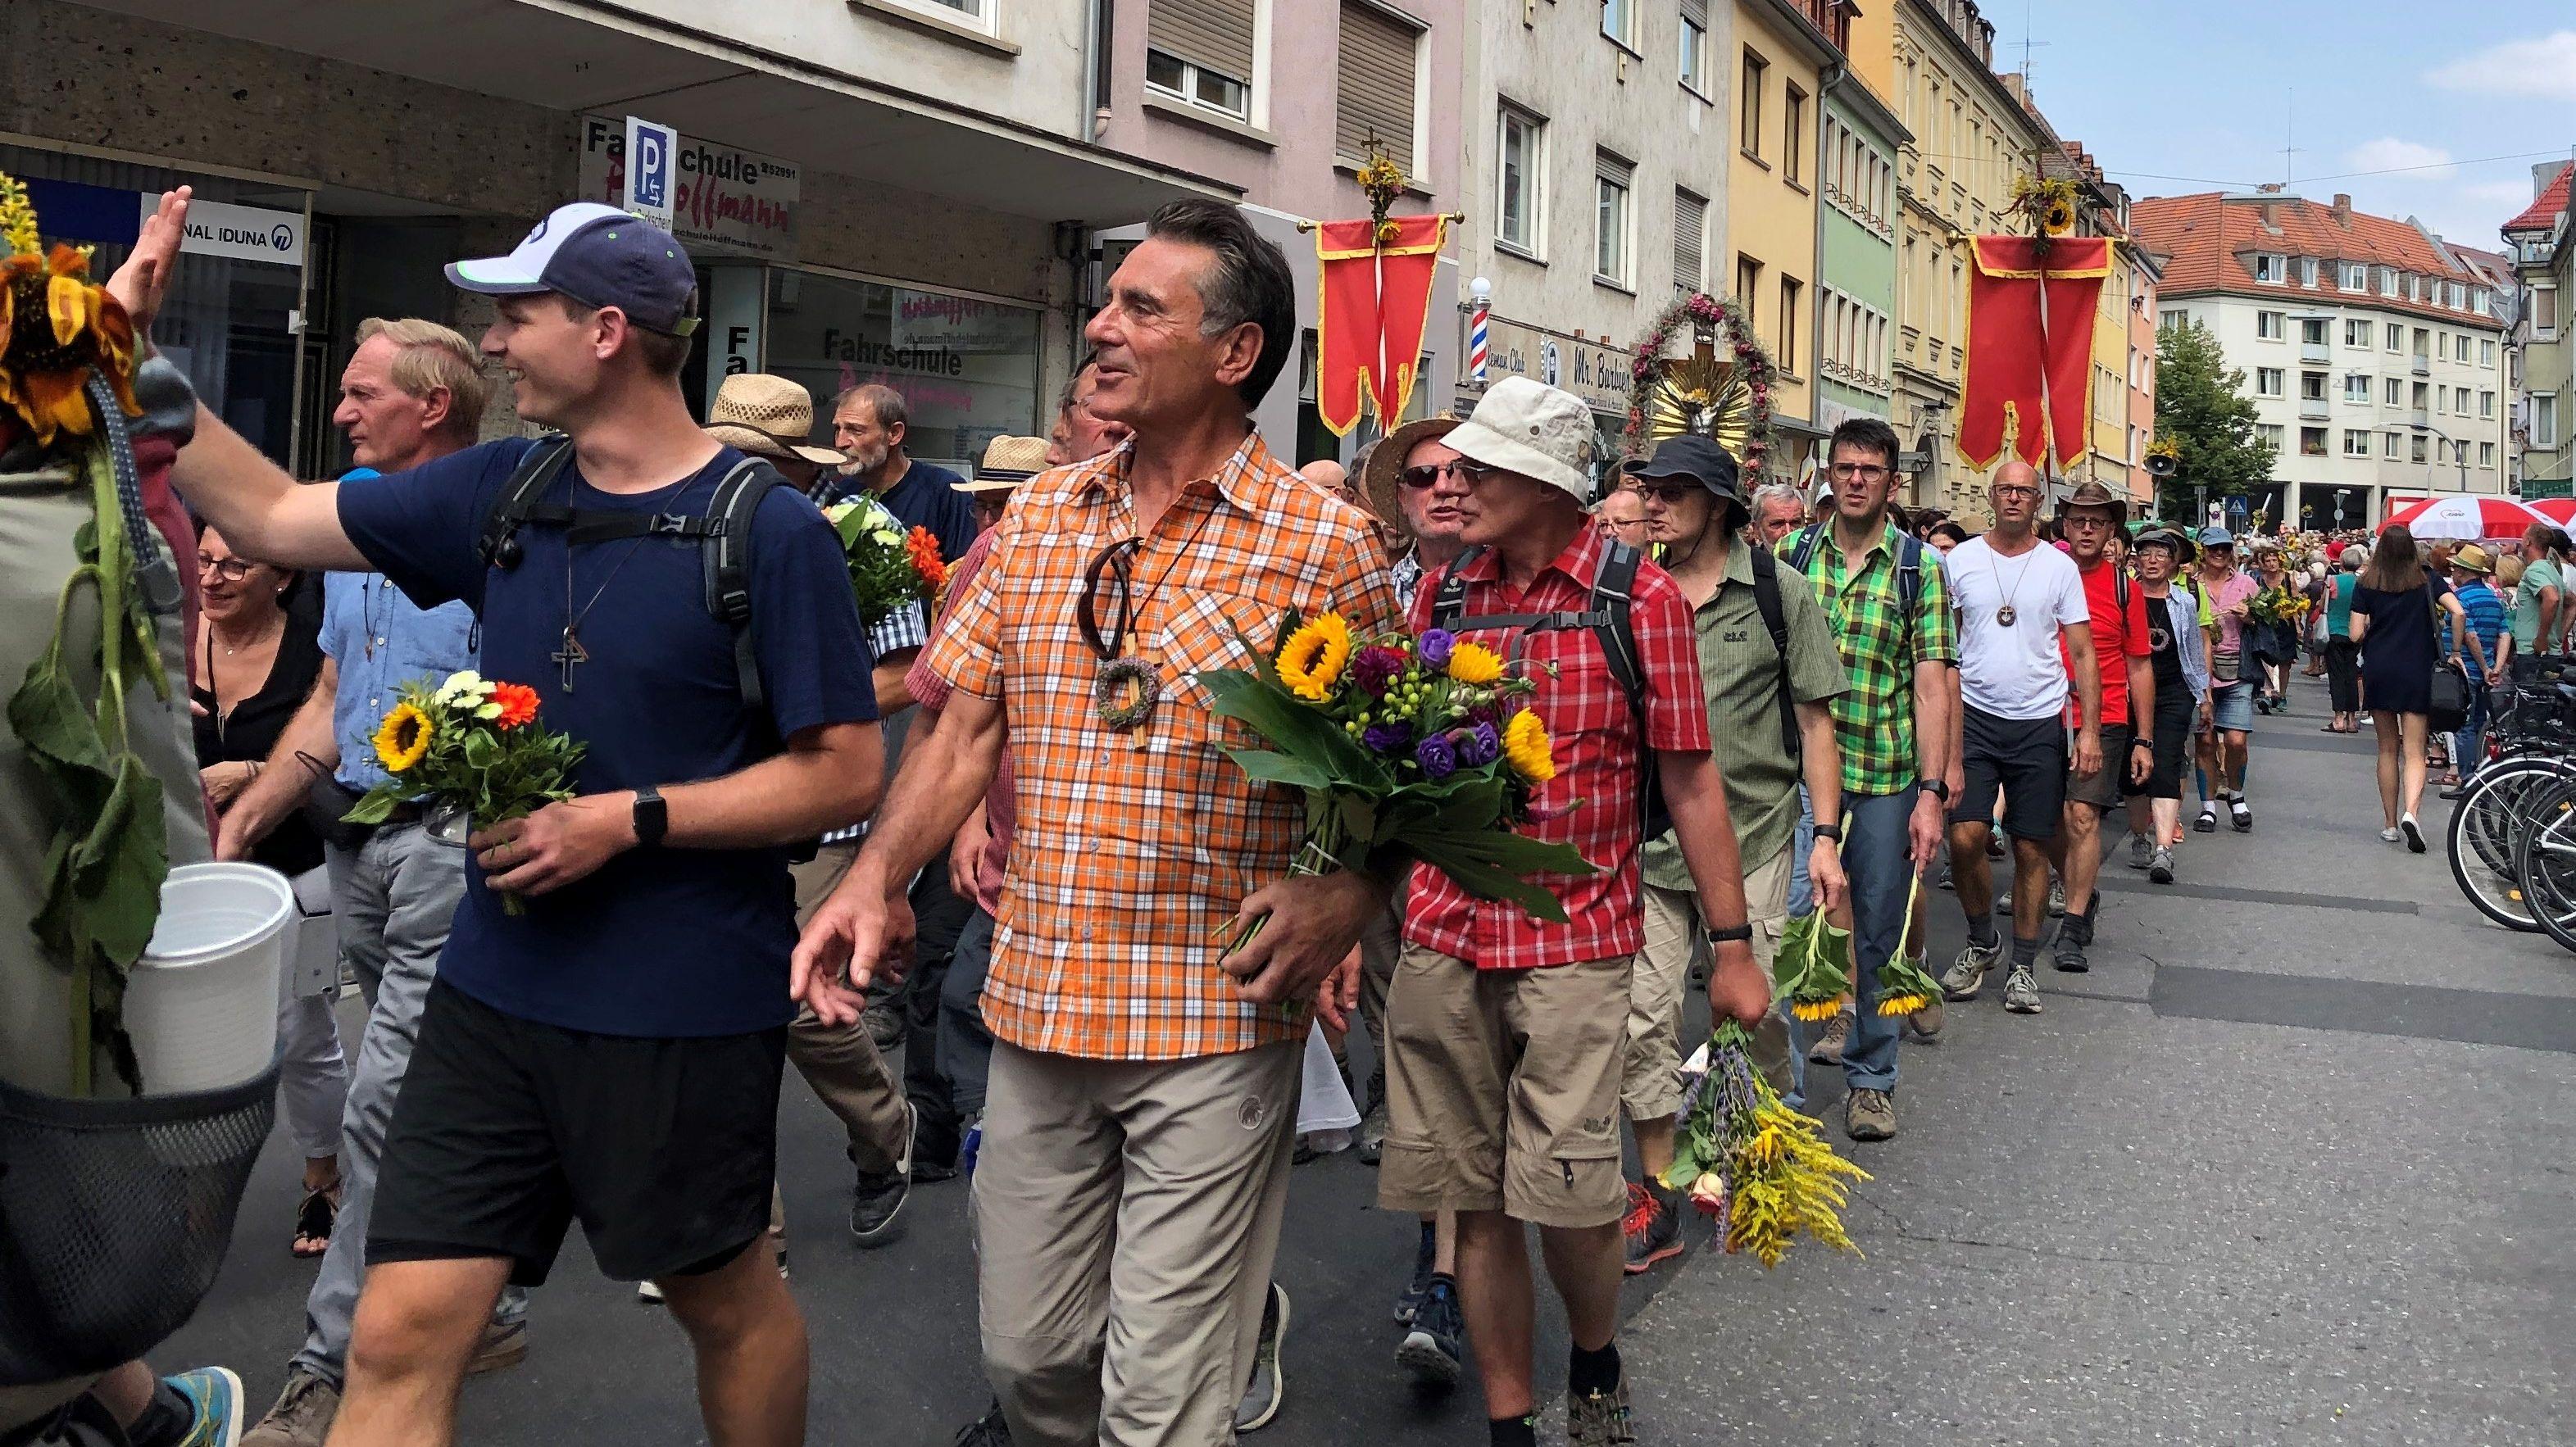 Die Kreuzbergwallfahrt der Würzburger Ortsgruppe ist störungsfrei und in guter Stimmung zu Ende gegangen.